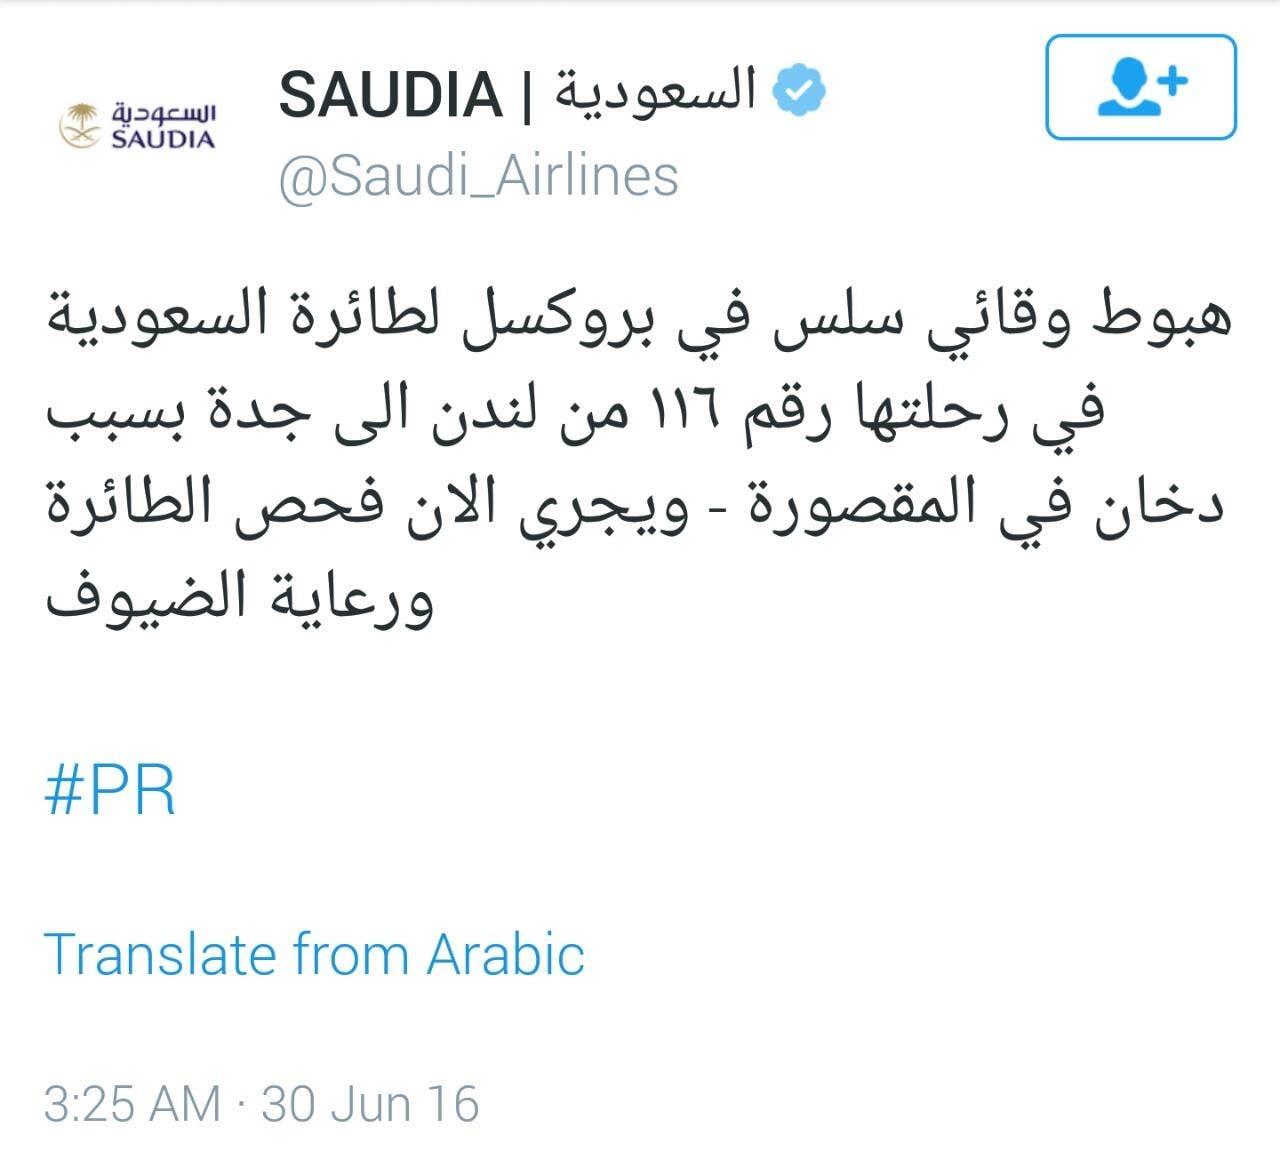 تغريدة من الخطوط الجوية السعودية حول الهبوط الاضطراري